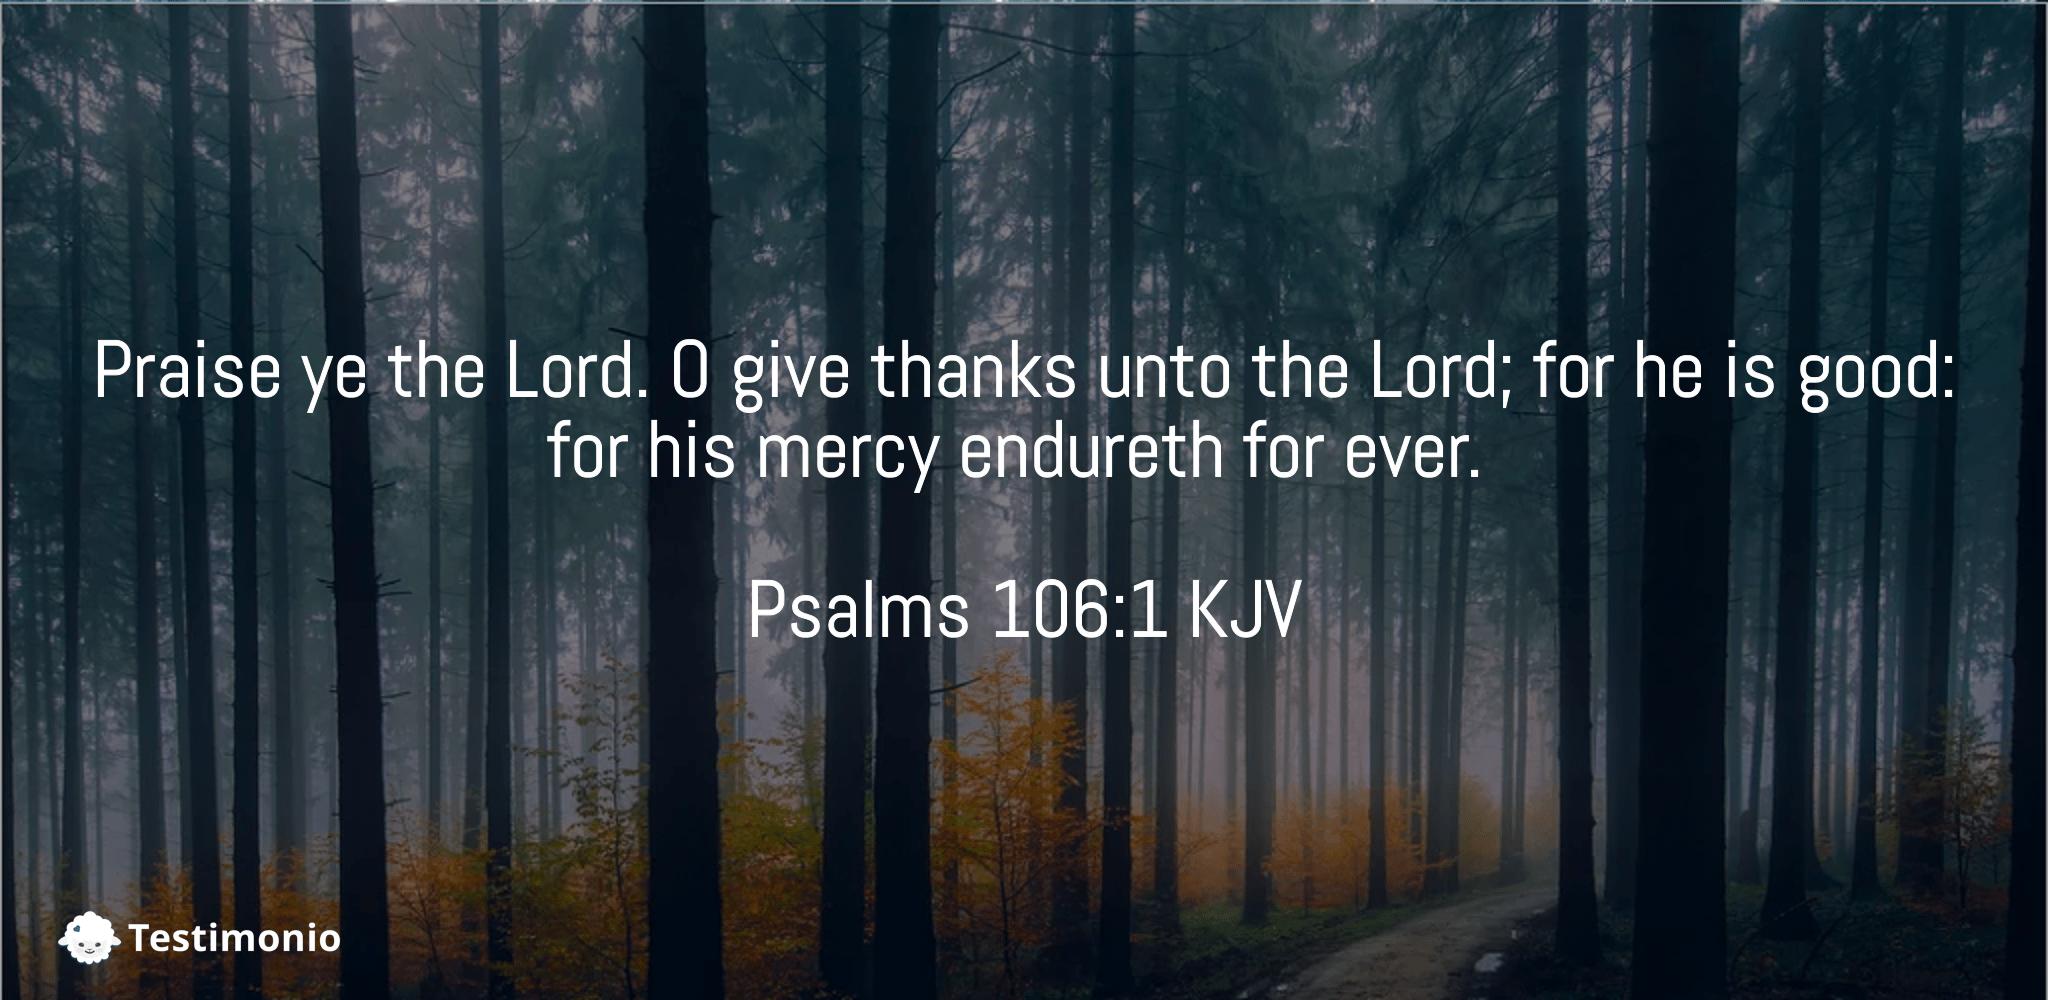 Psalms 106:1